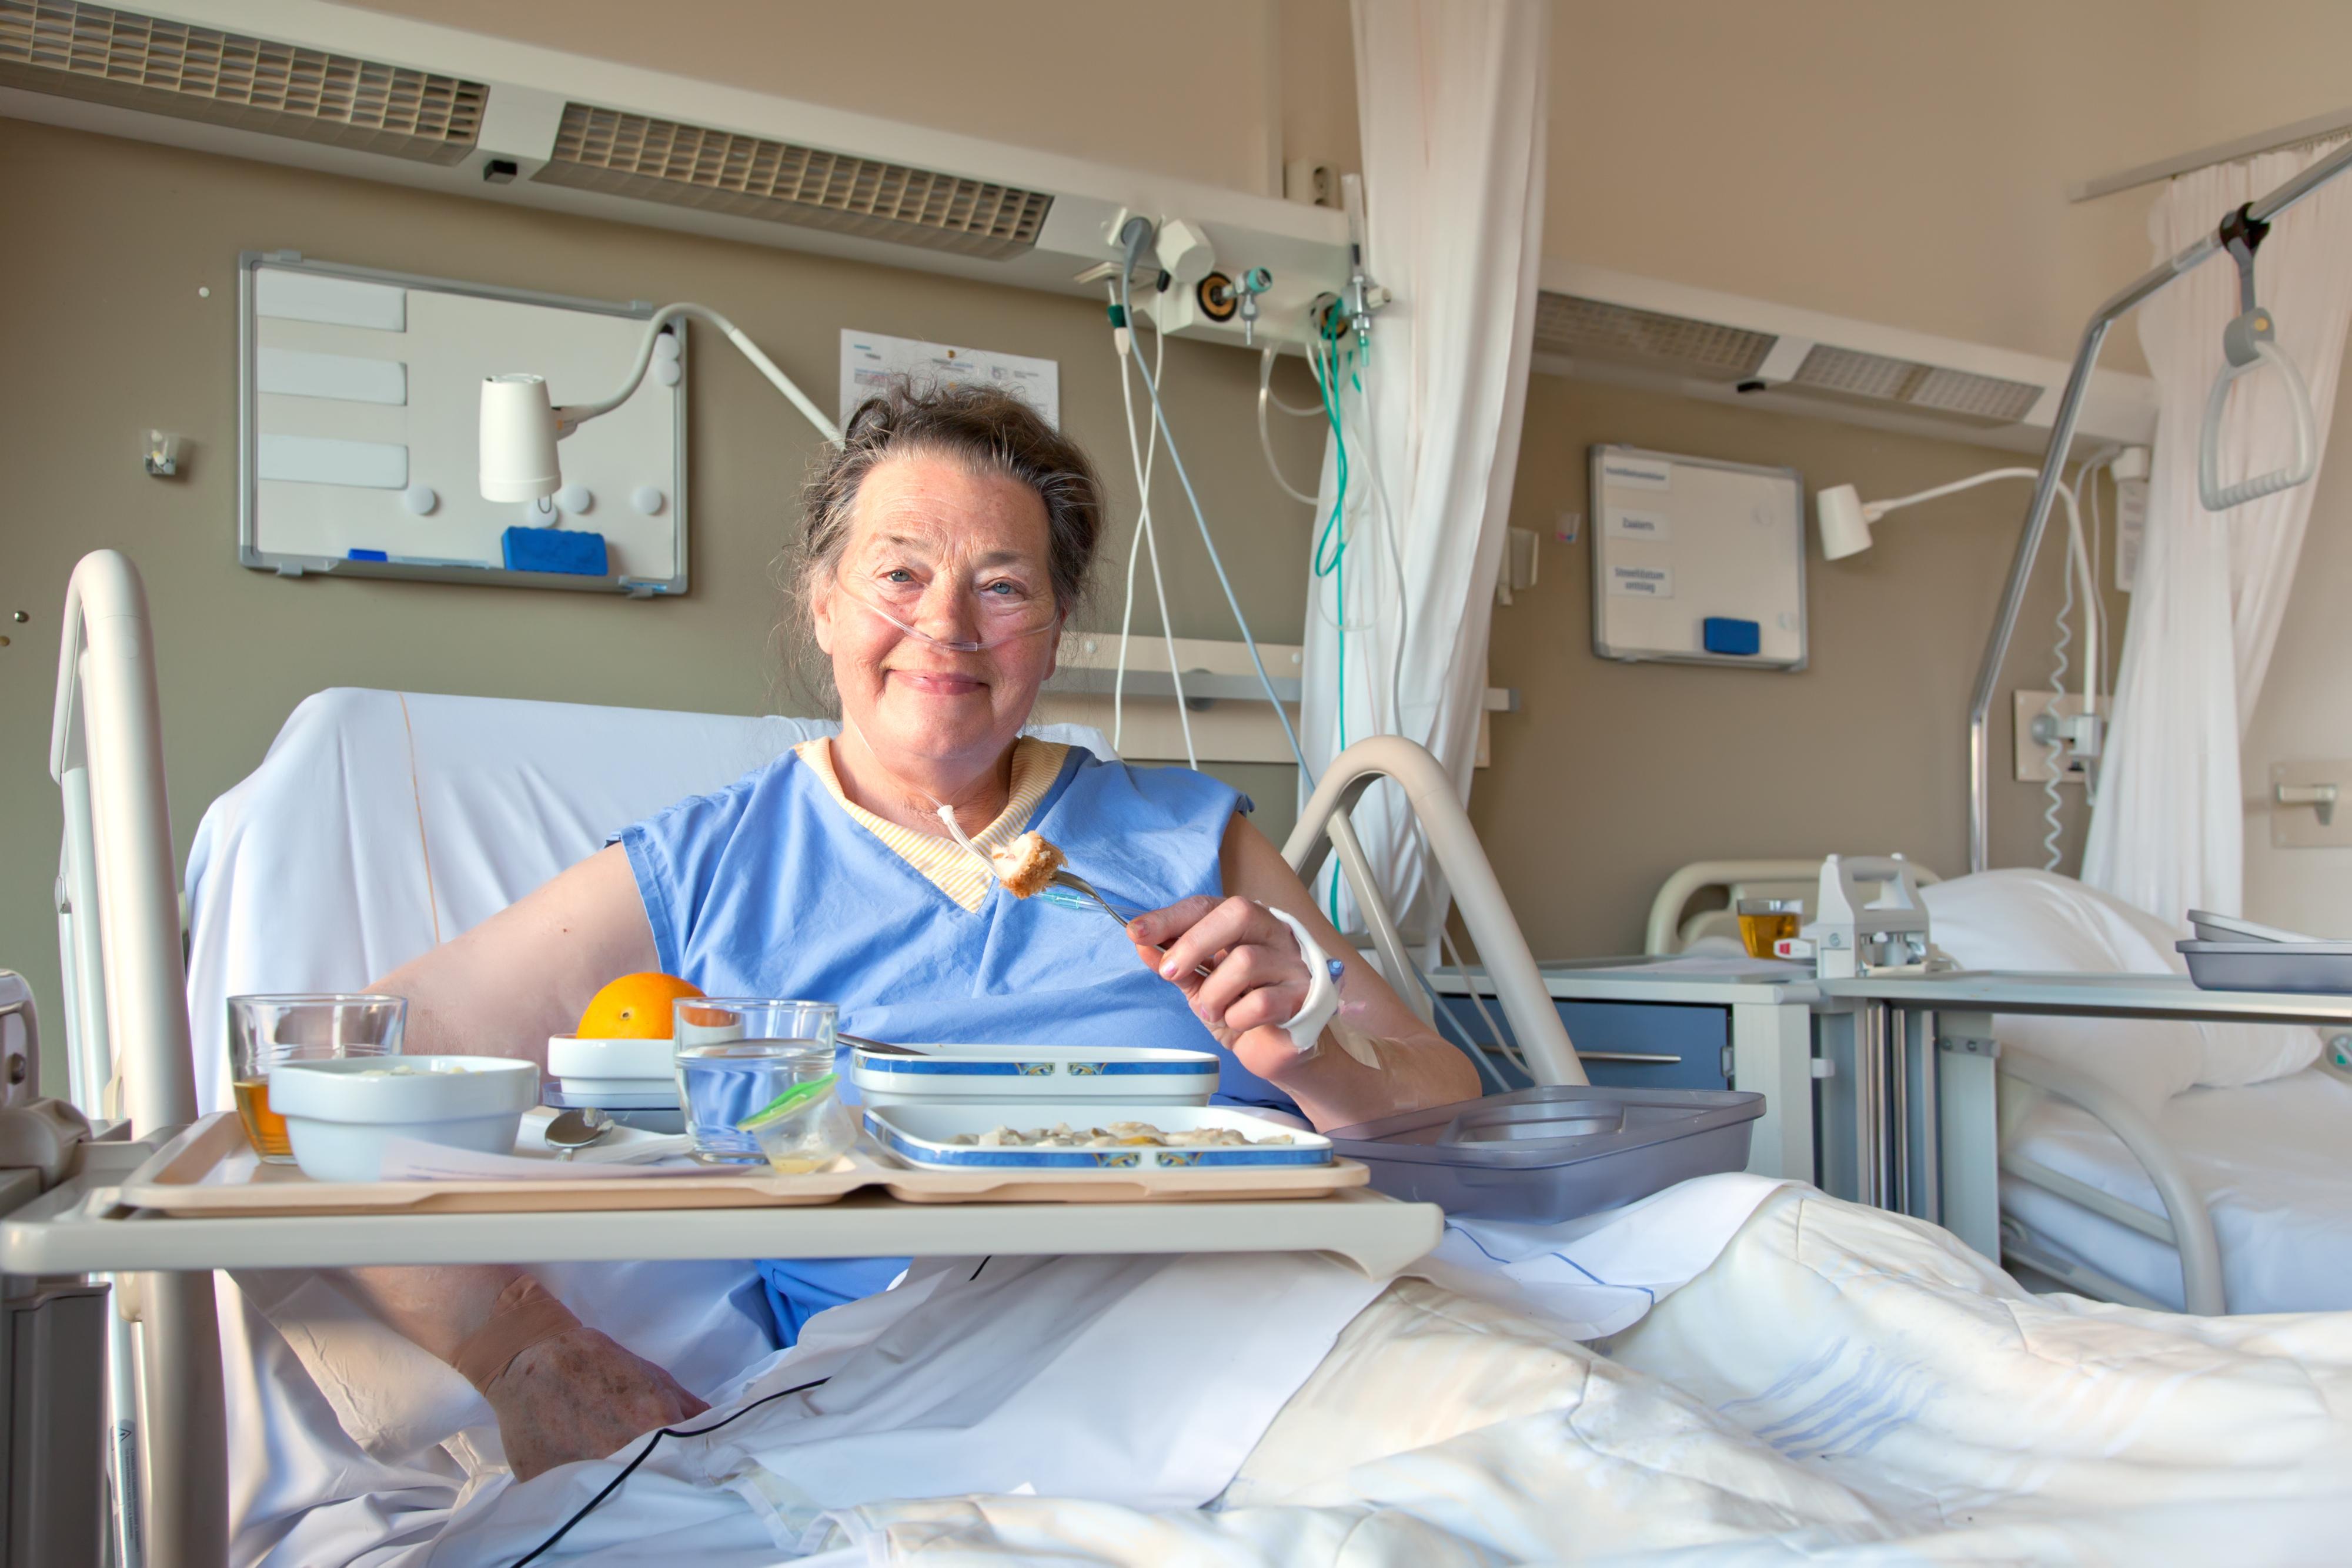 Bättre mat för bättre vård när nya råd om måltiderna på sjukhus nu går på remiss.